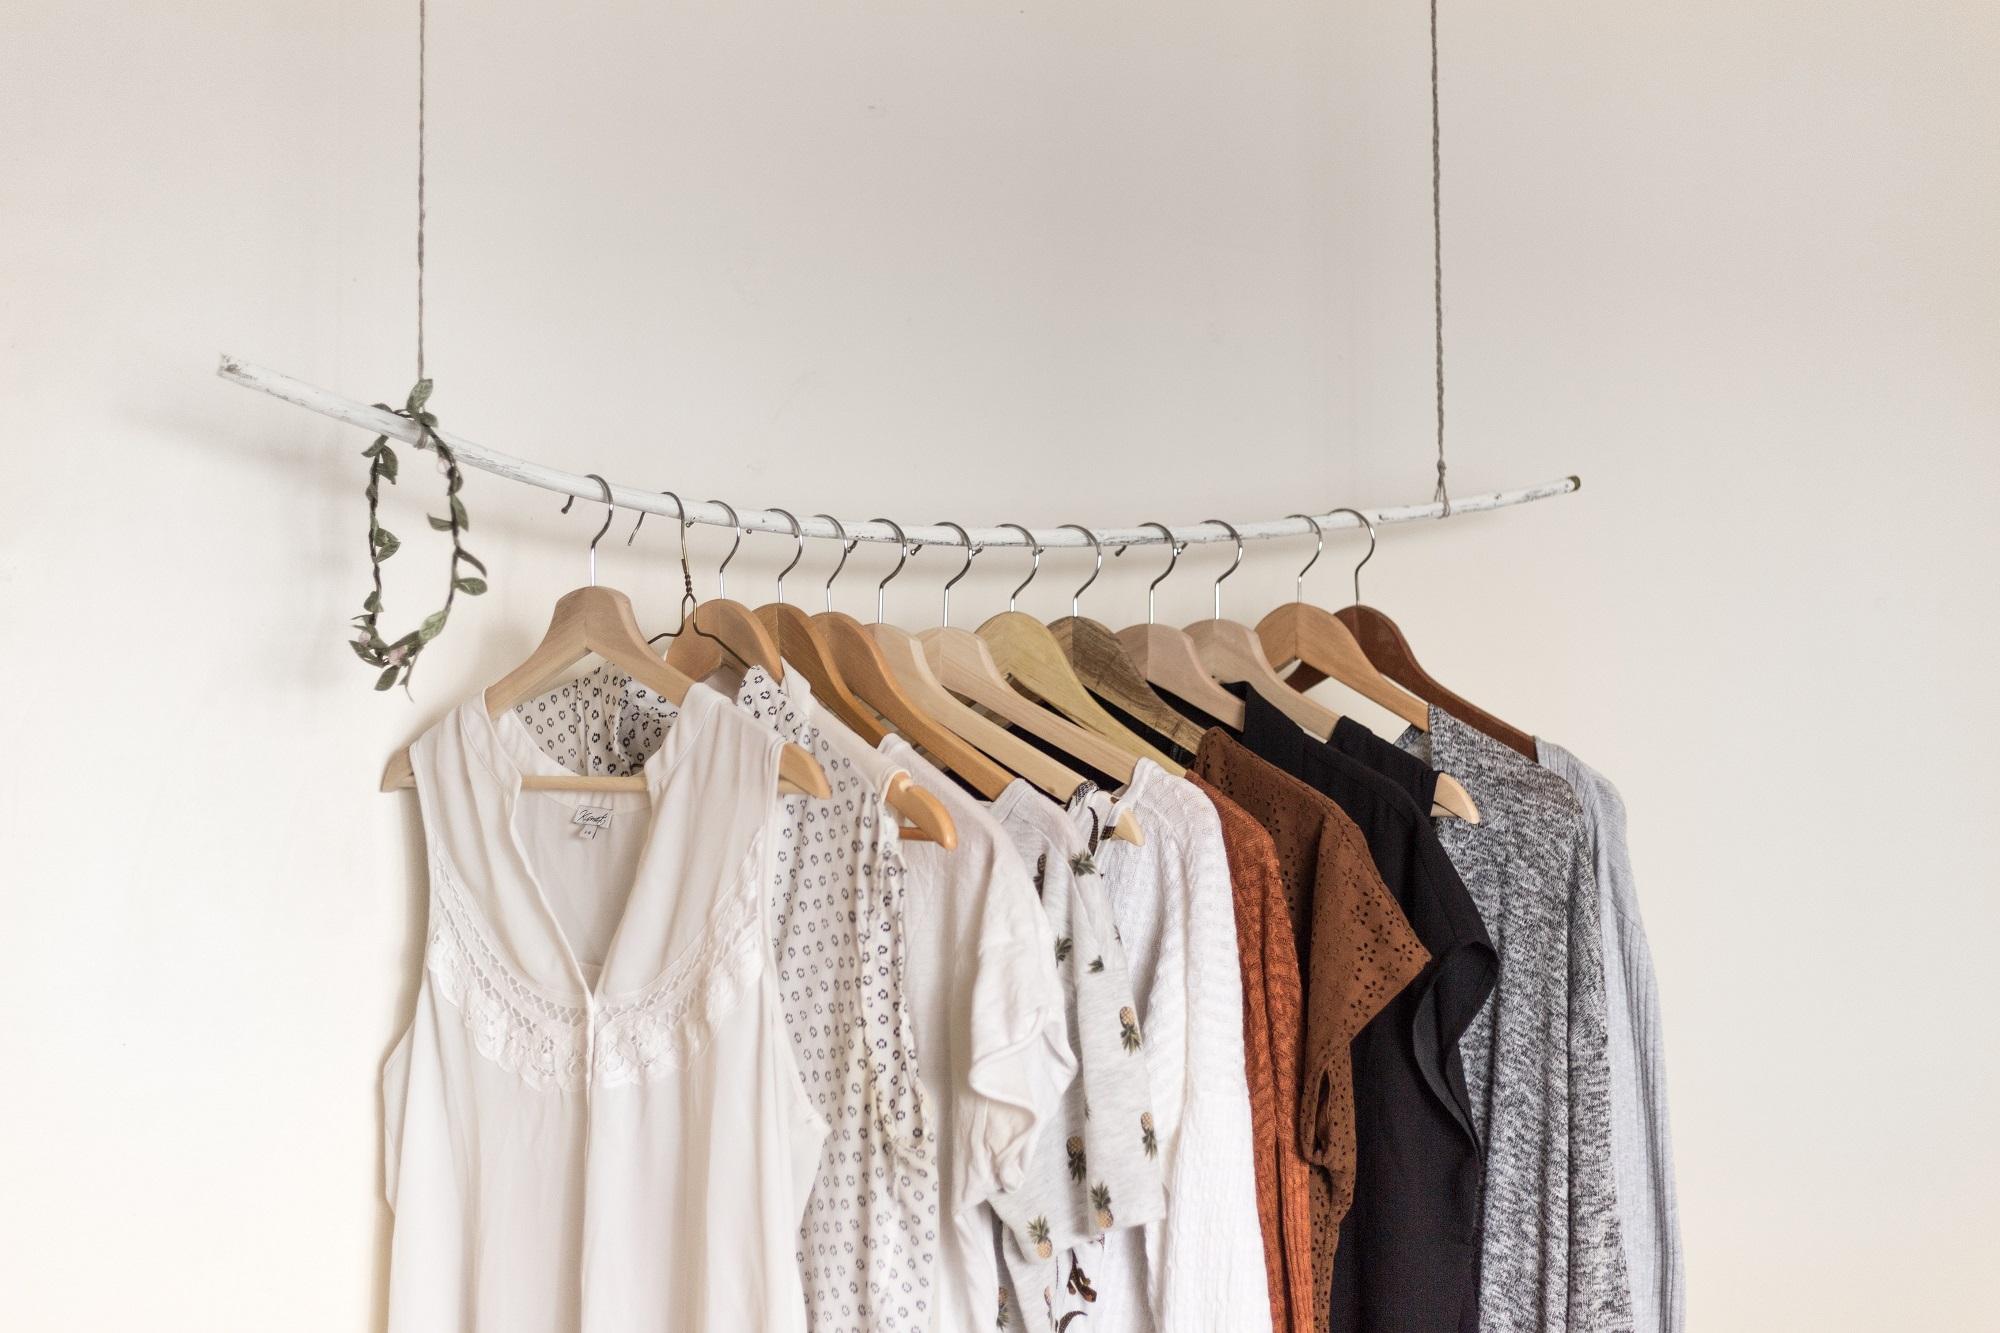 La relación entre moda y tecnología